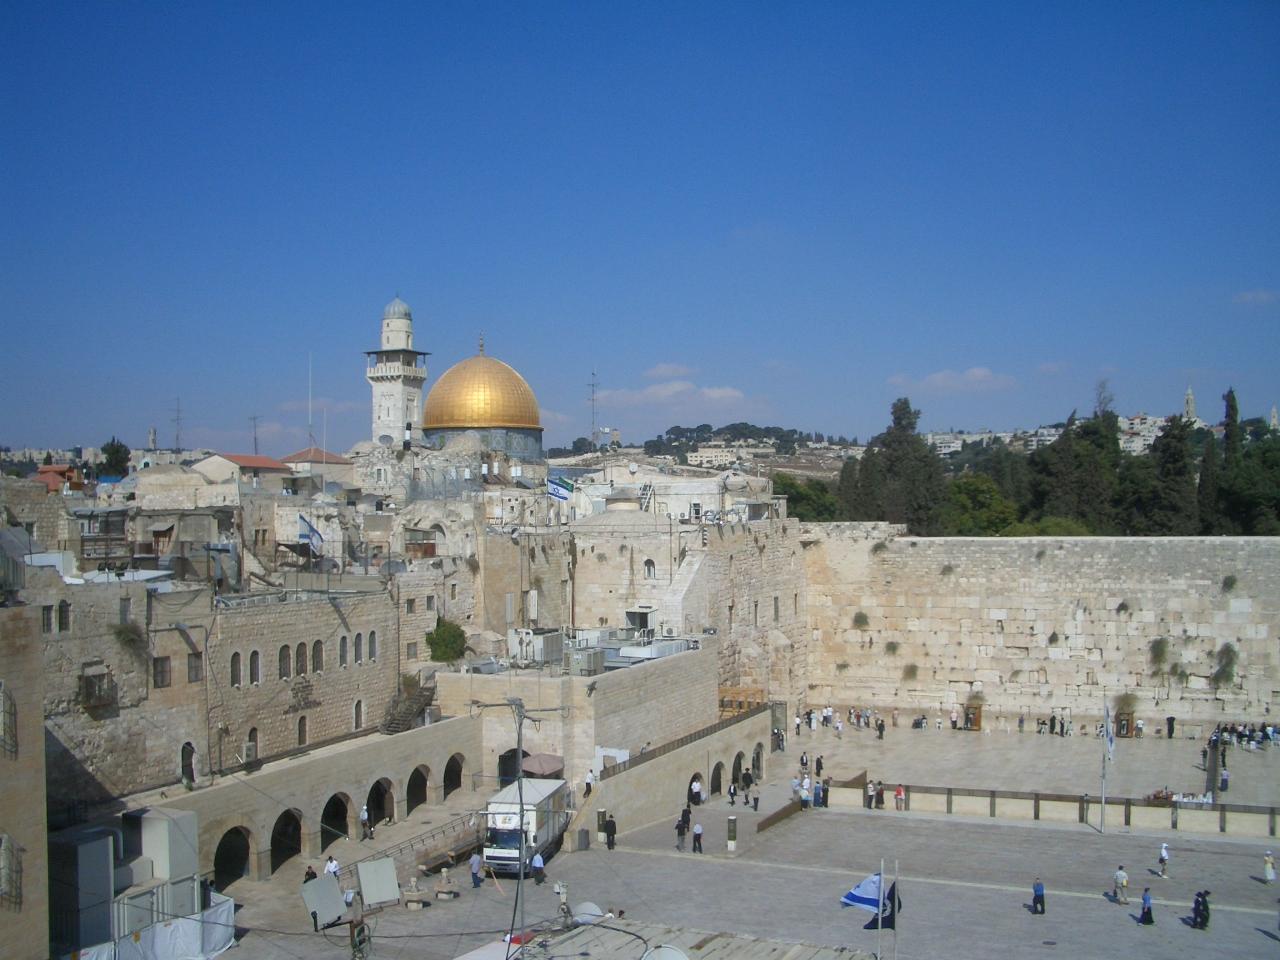 イスラエルの首都エルサレムで一番輝きを放つのが、 ヨル...  livedoor Blog(ブロ